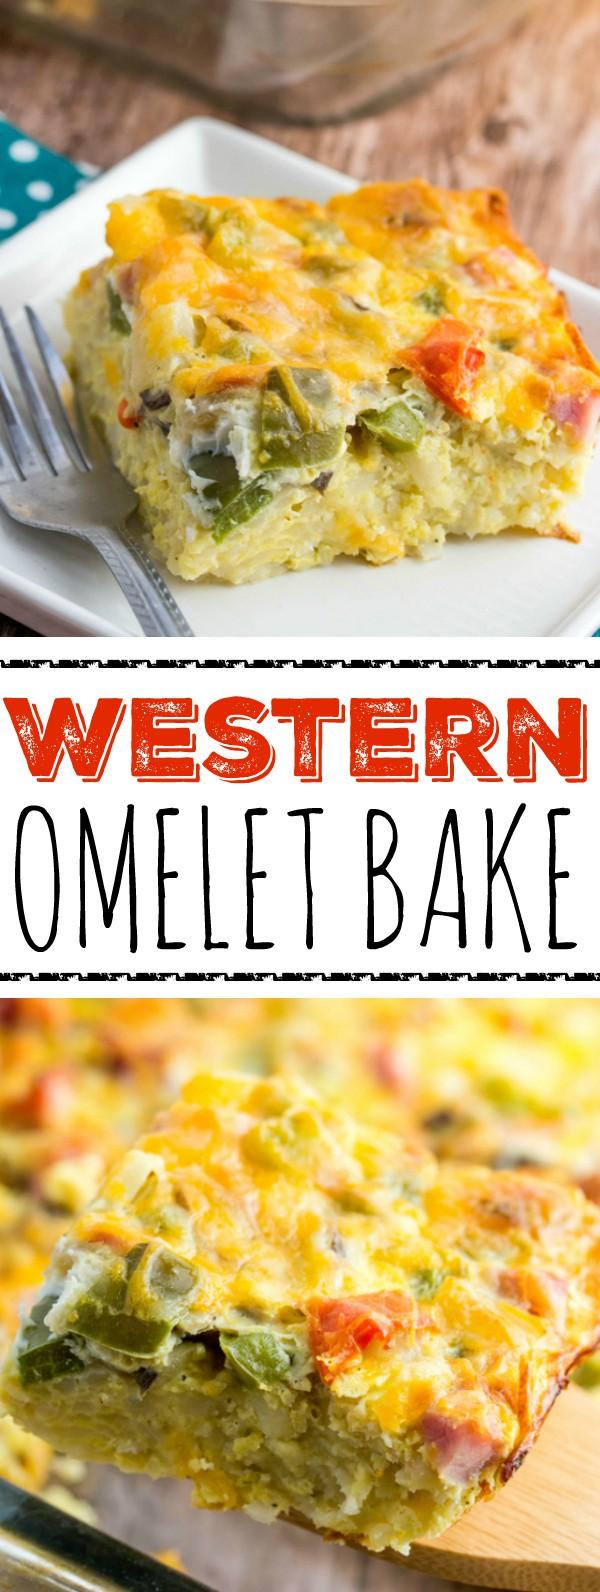 Western Omelet Bake